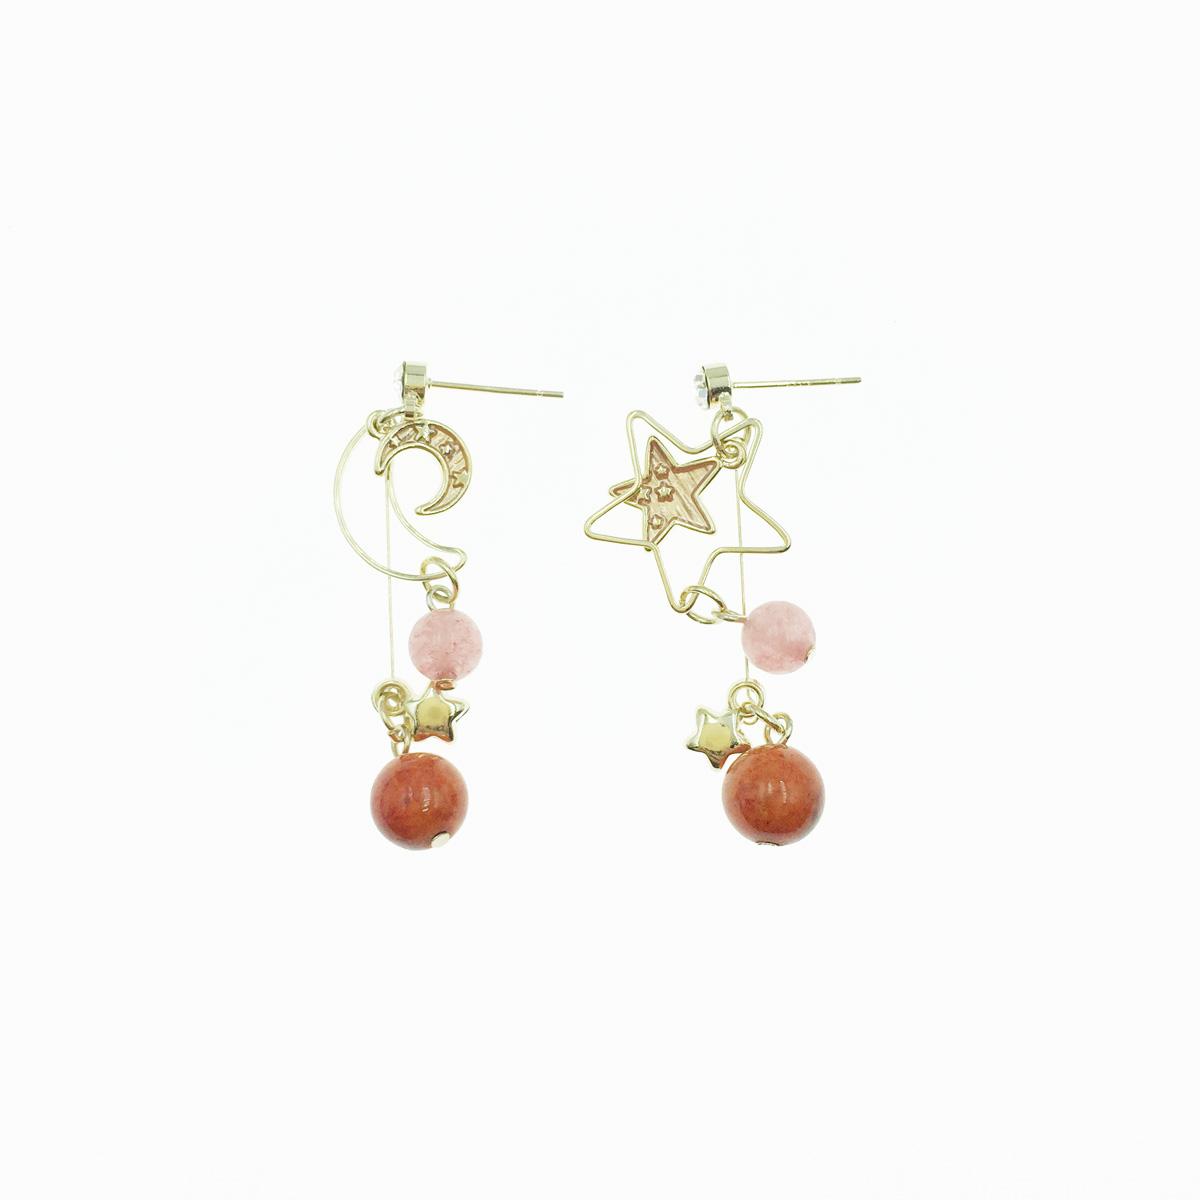 韓國 925純銀 水鑽 星星 月亮 垂墜 不對稱 鏤空 粉色珠珠 可愛 耳針式 耳環